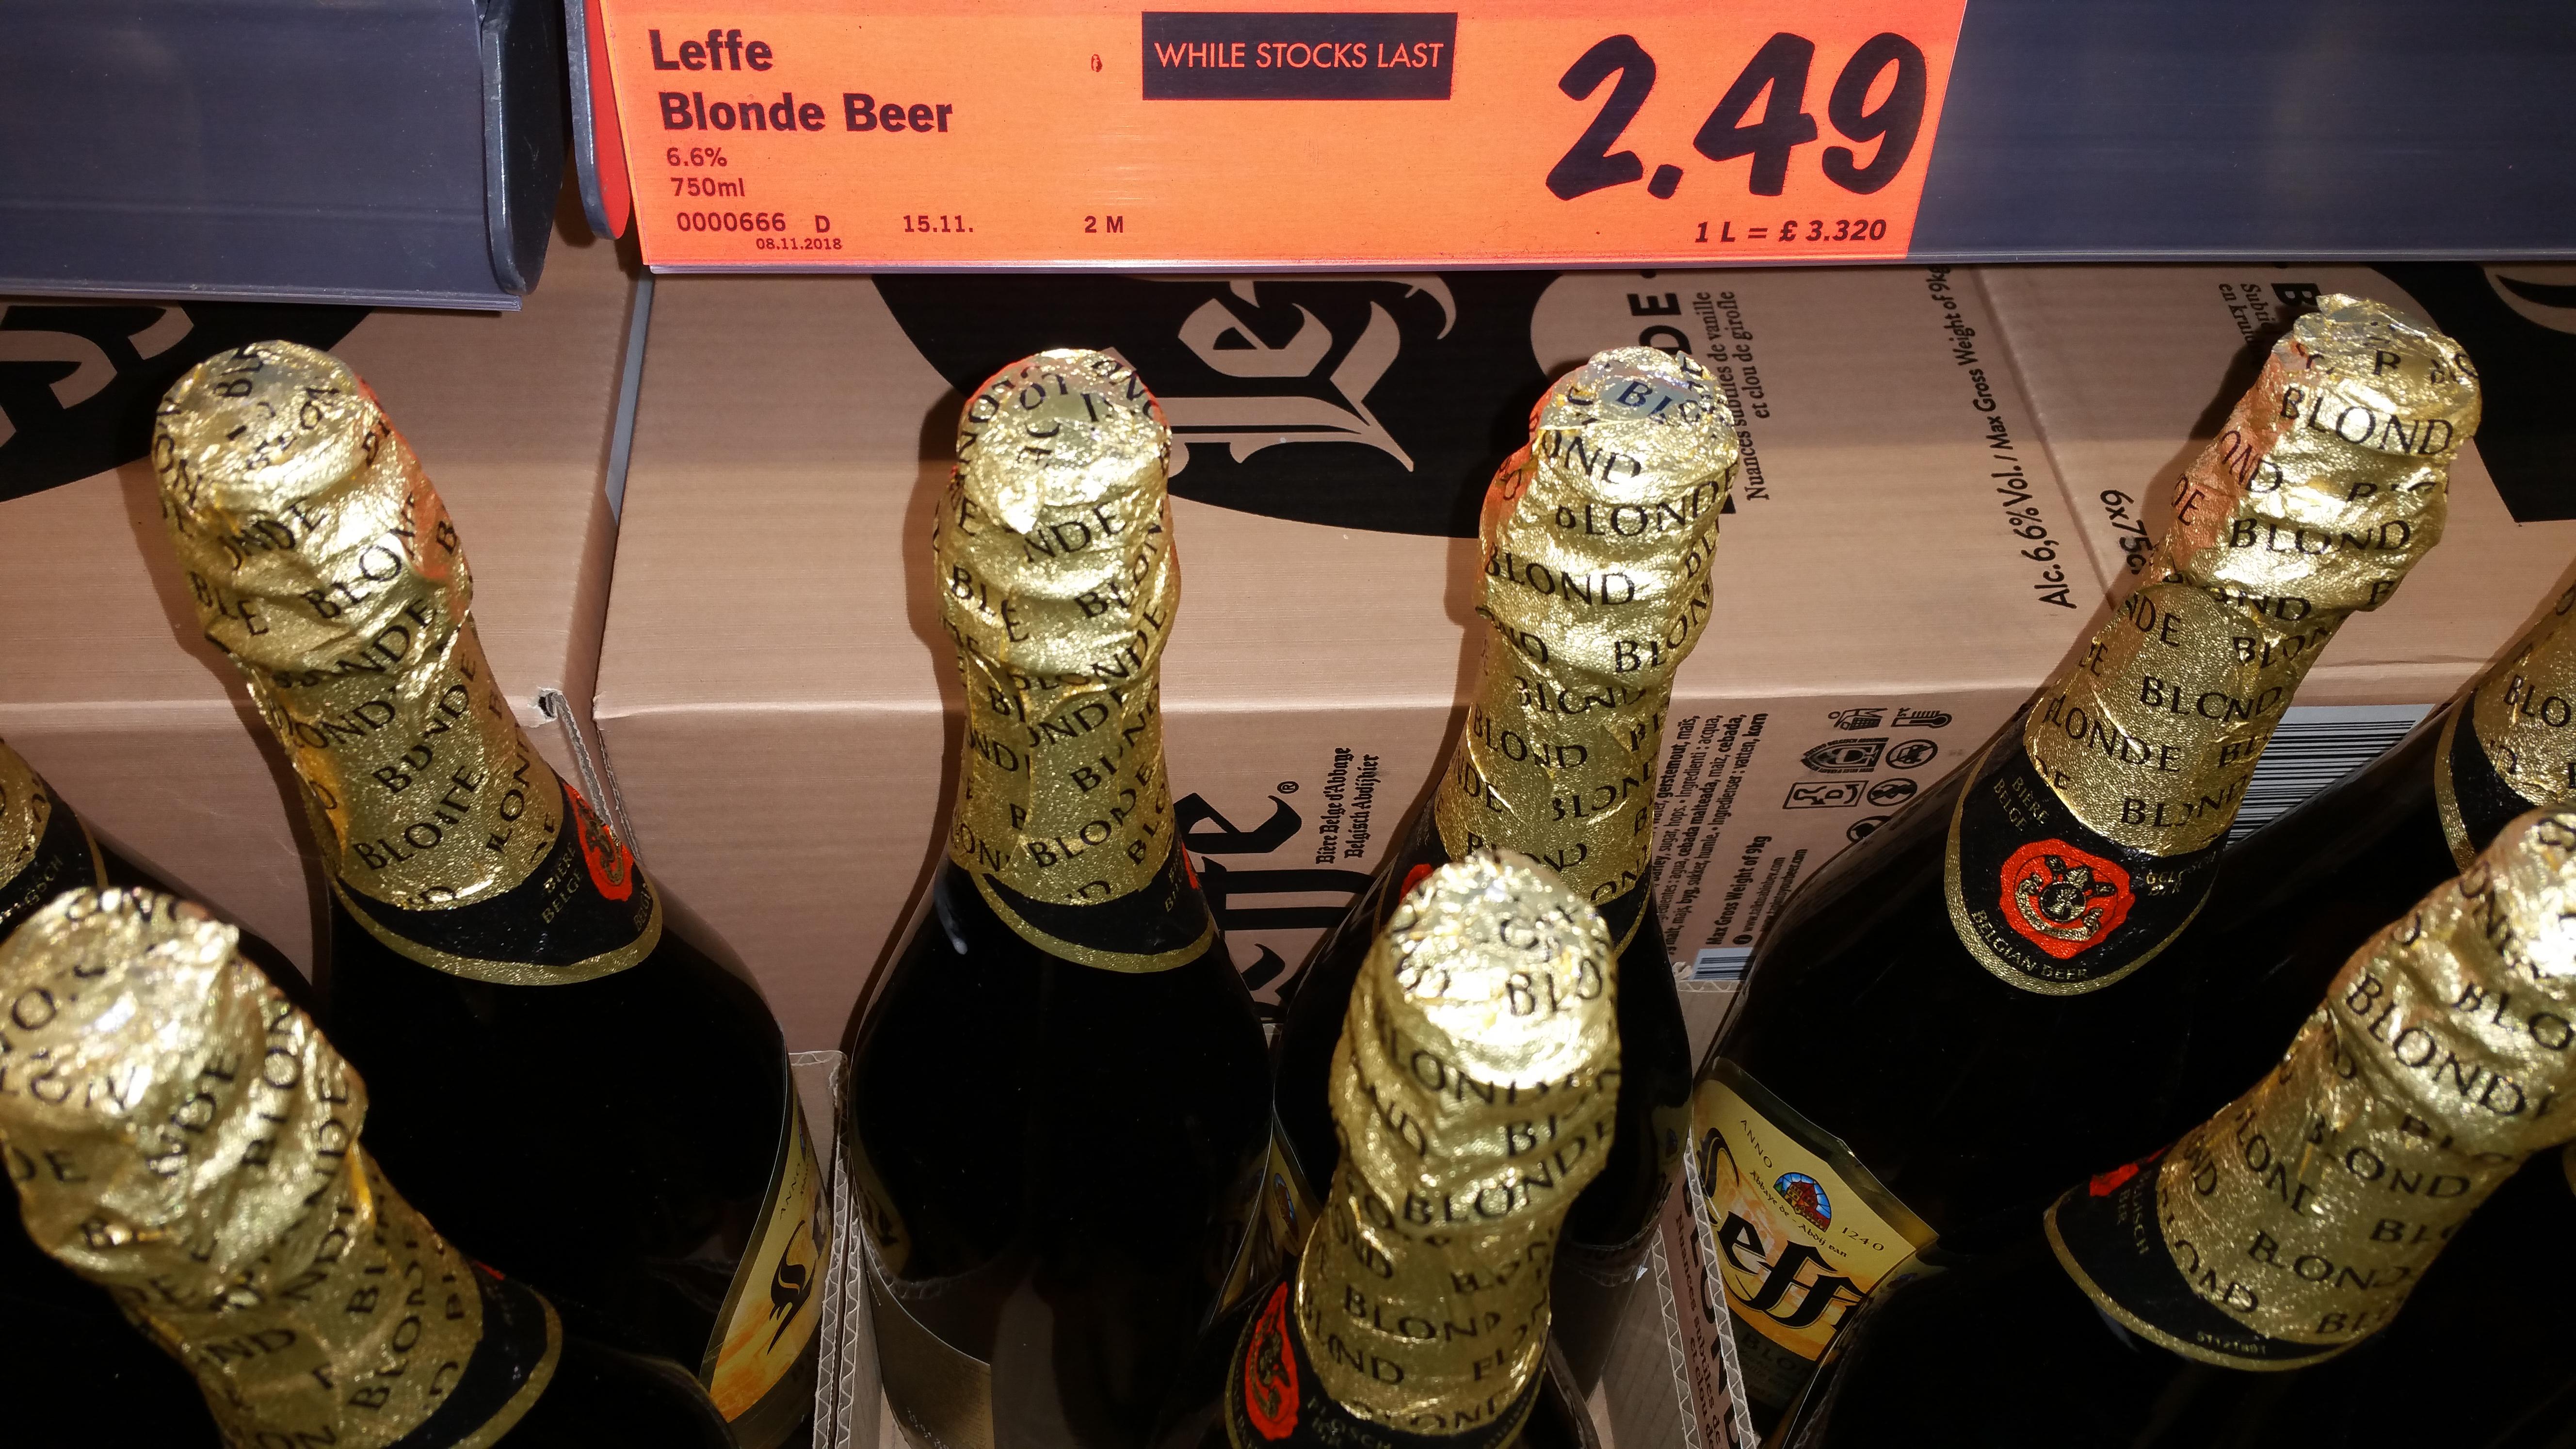 Leffe Belgian beer blonde 75cl, £2.49 at Lidl